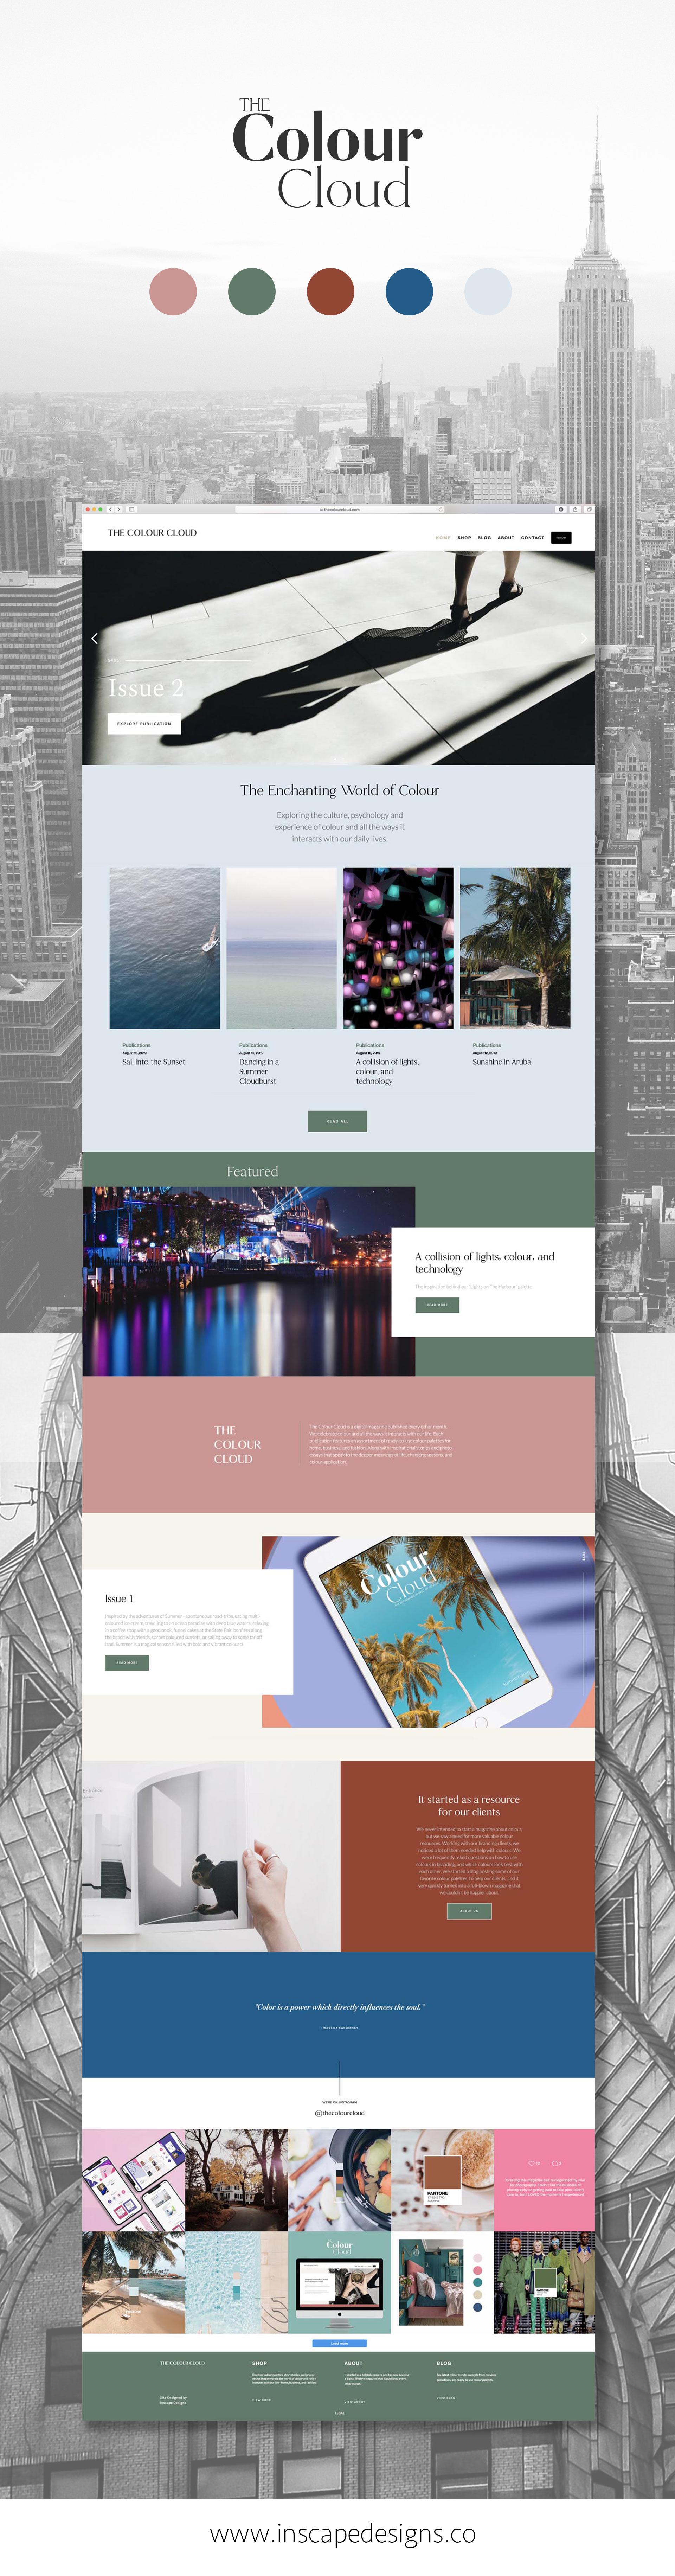 The Colour Cloud Magazine